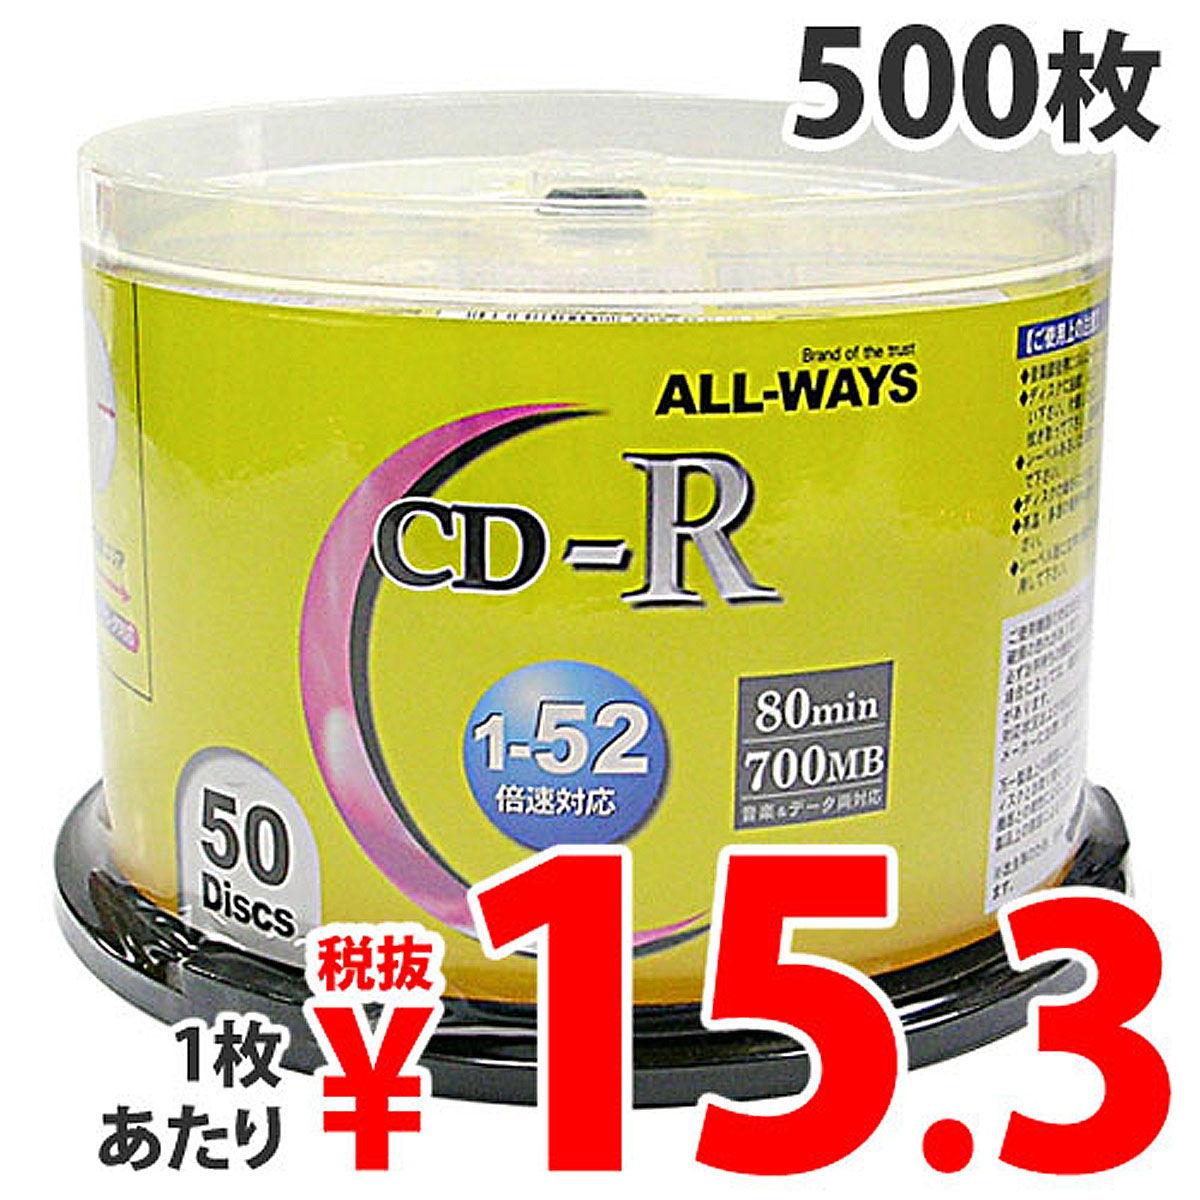 リーダーメディアテクノ CD-R ALL-WAYS 700MB 52倍速 ワイドプリンタブル 500枚 ALCR52X50PW